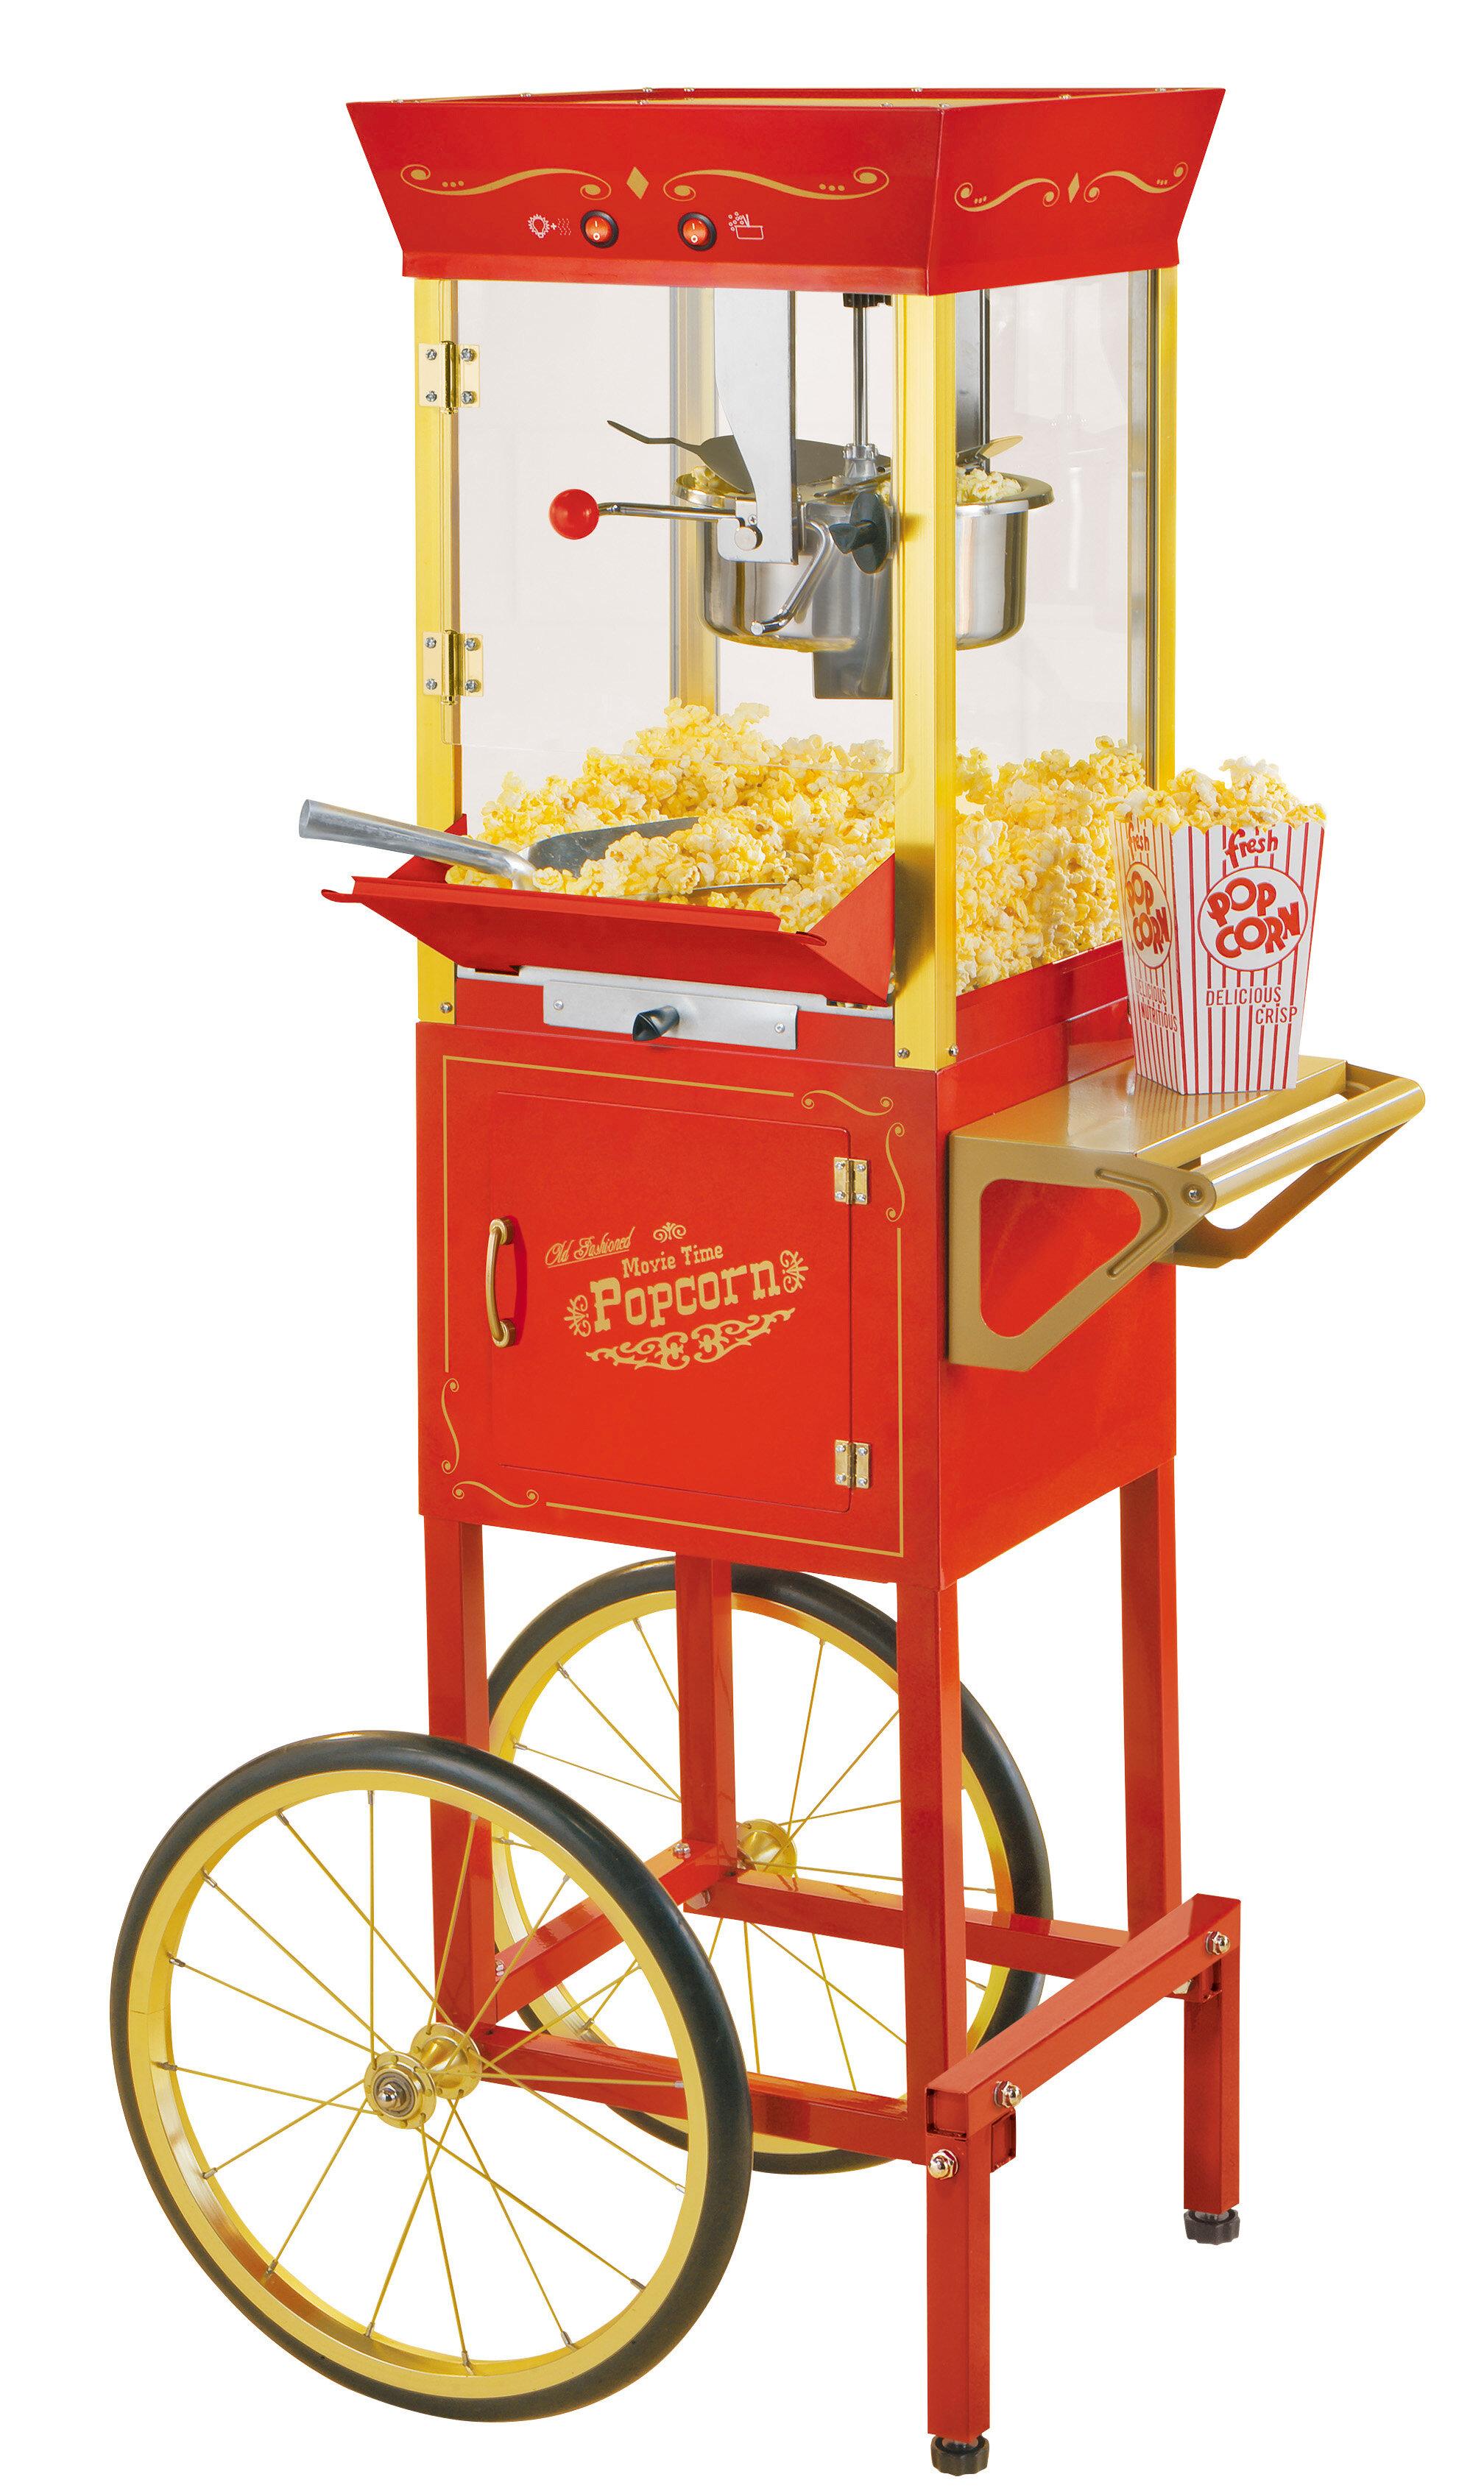 Clipart popcorn at a picnic table jpg transparent stock Popcorn Maker Cart   Wayfair jpg transparent stock